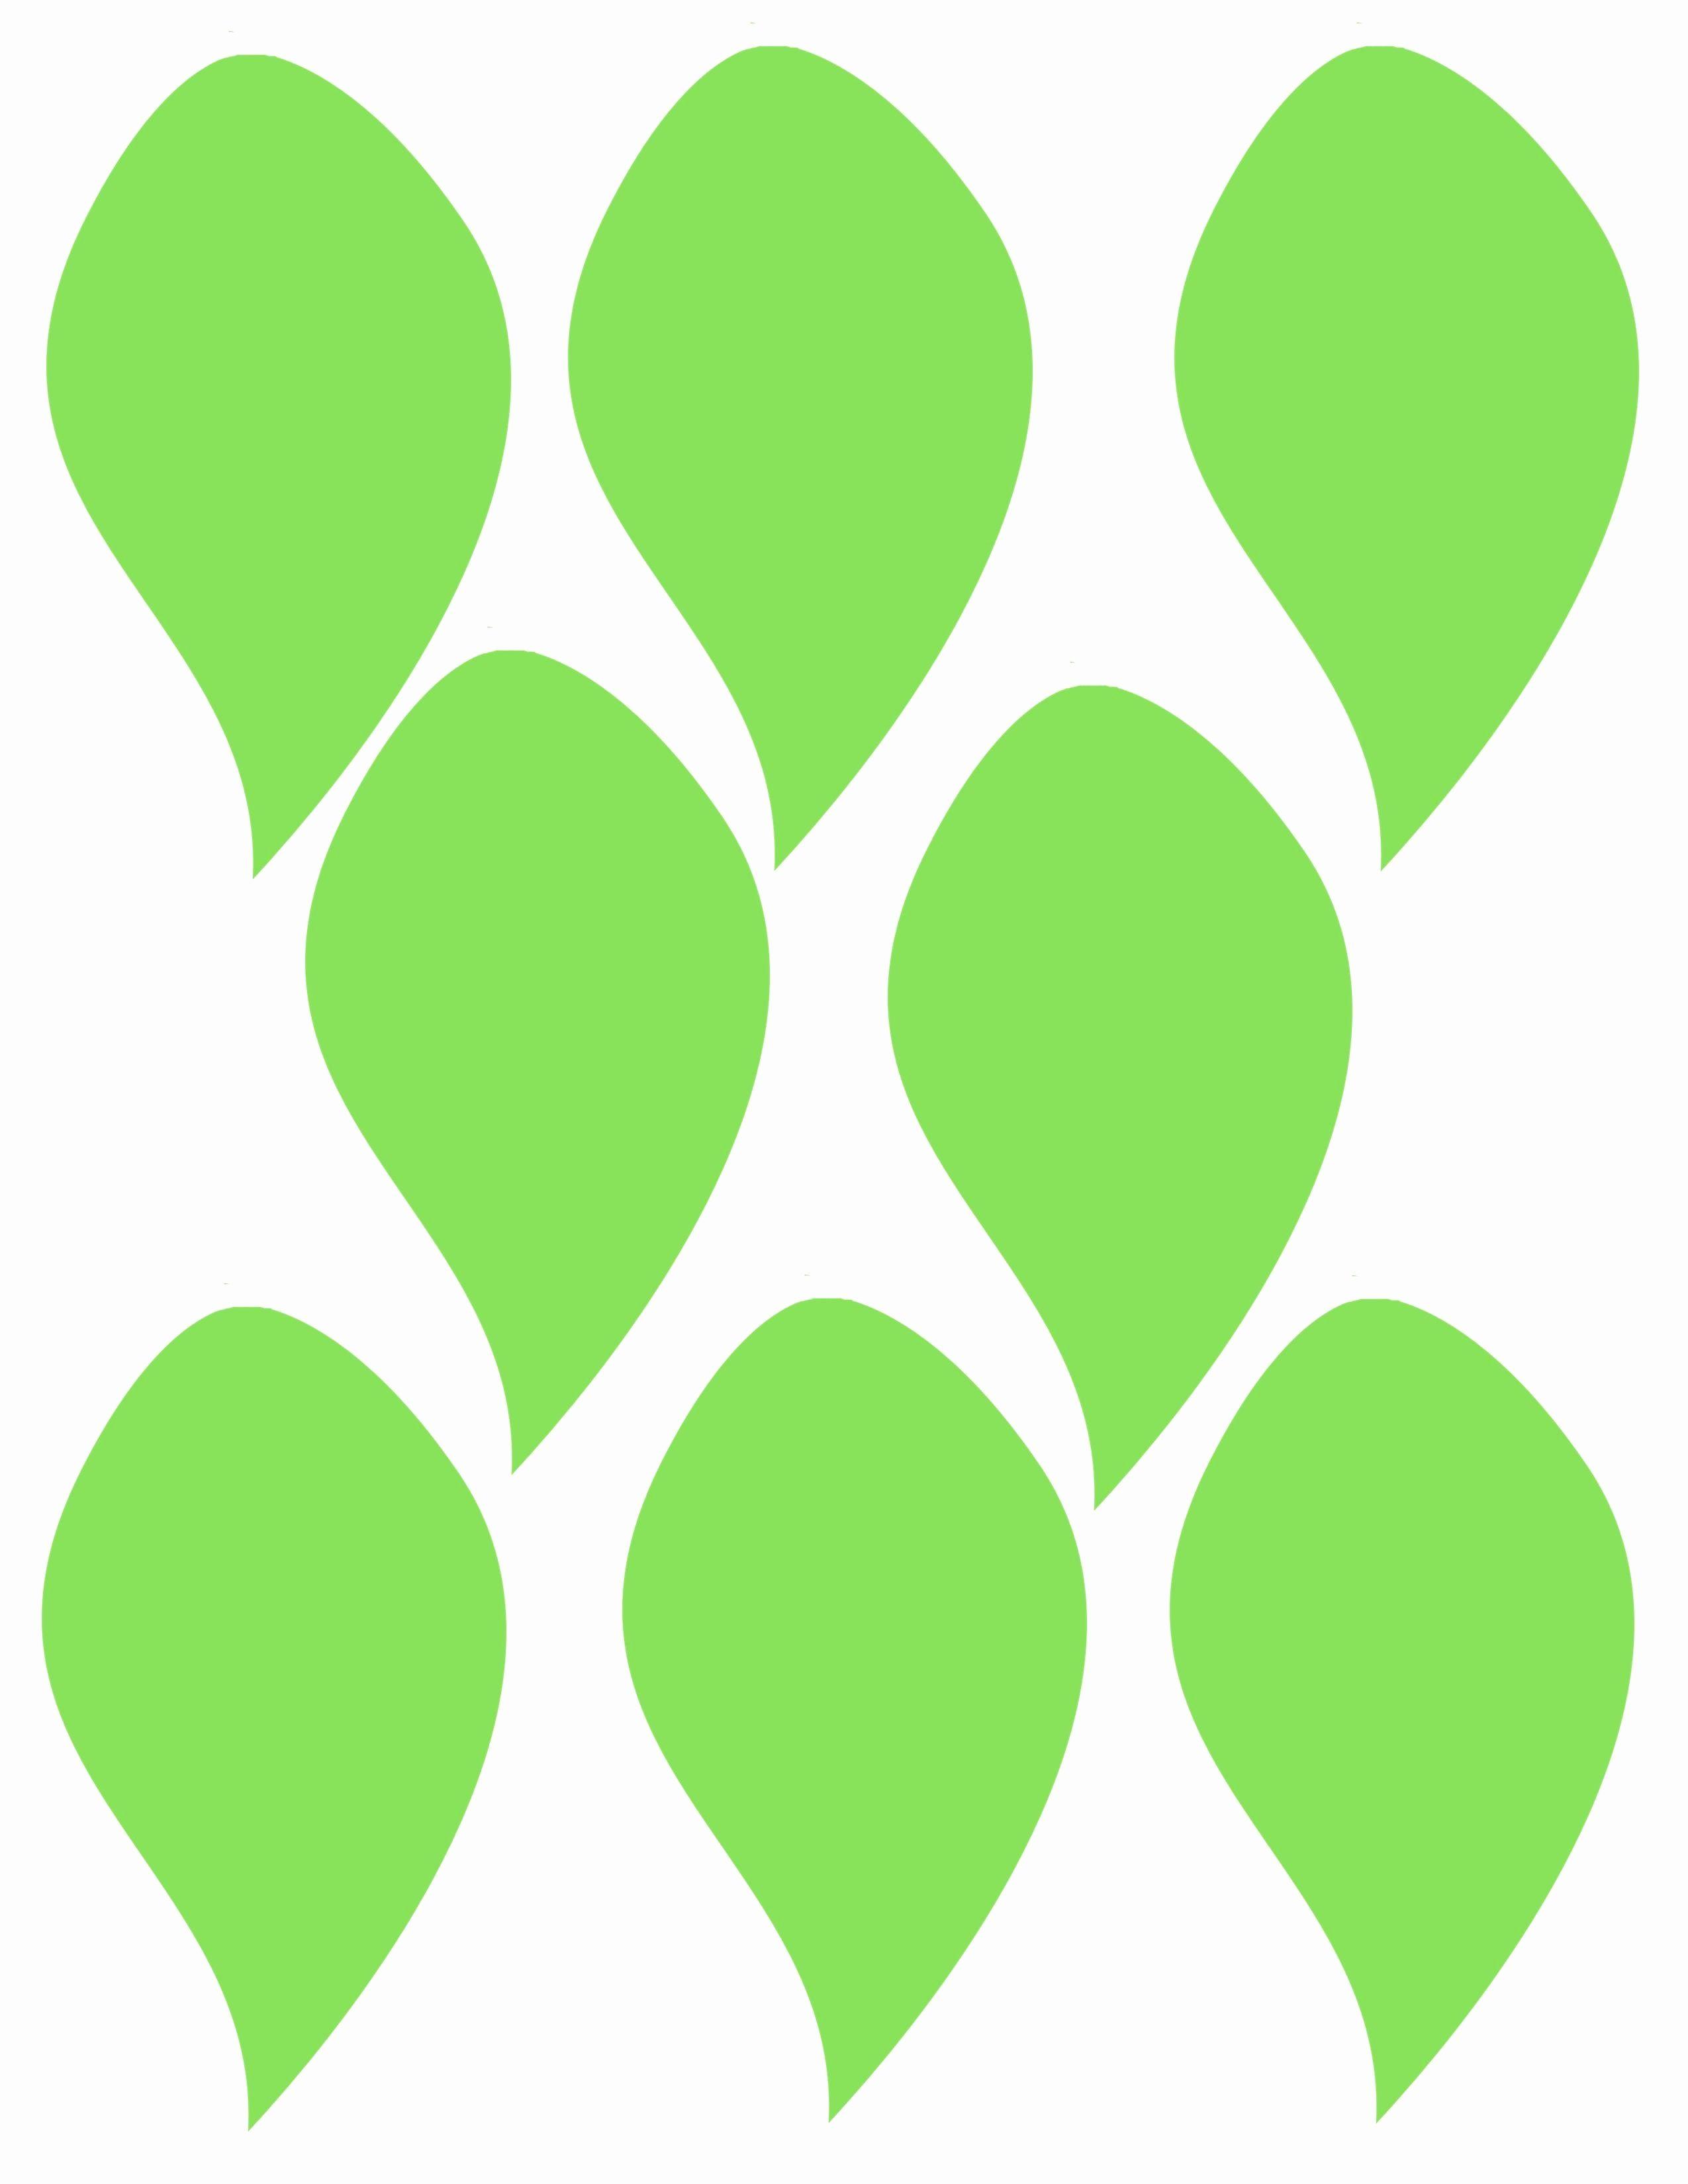 школа зеленые листья картинки для оформления распечатать и вырезать как применяется